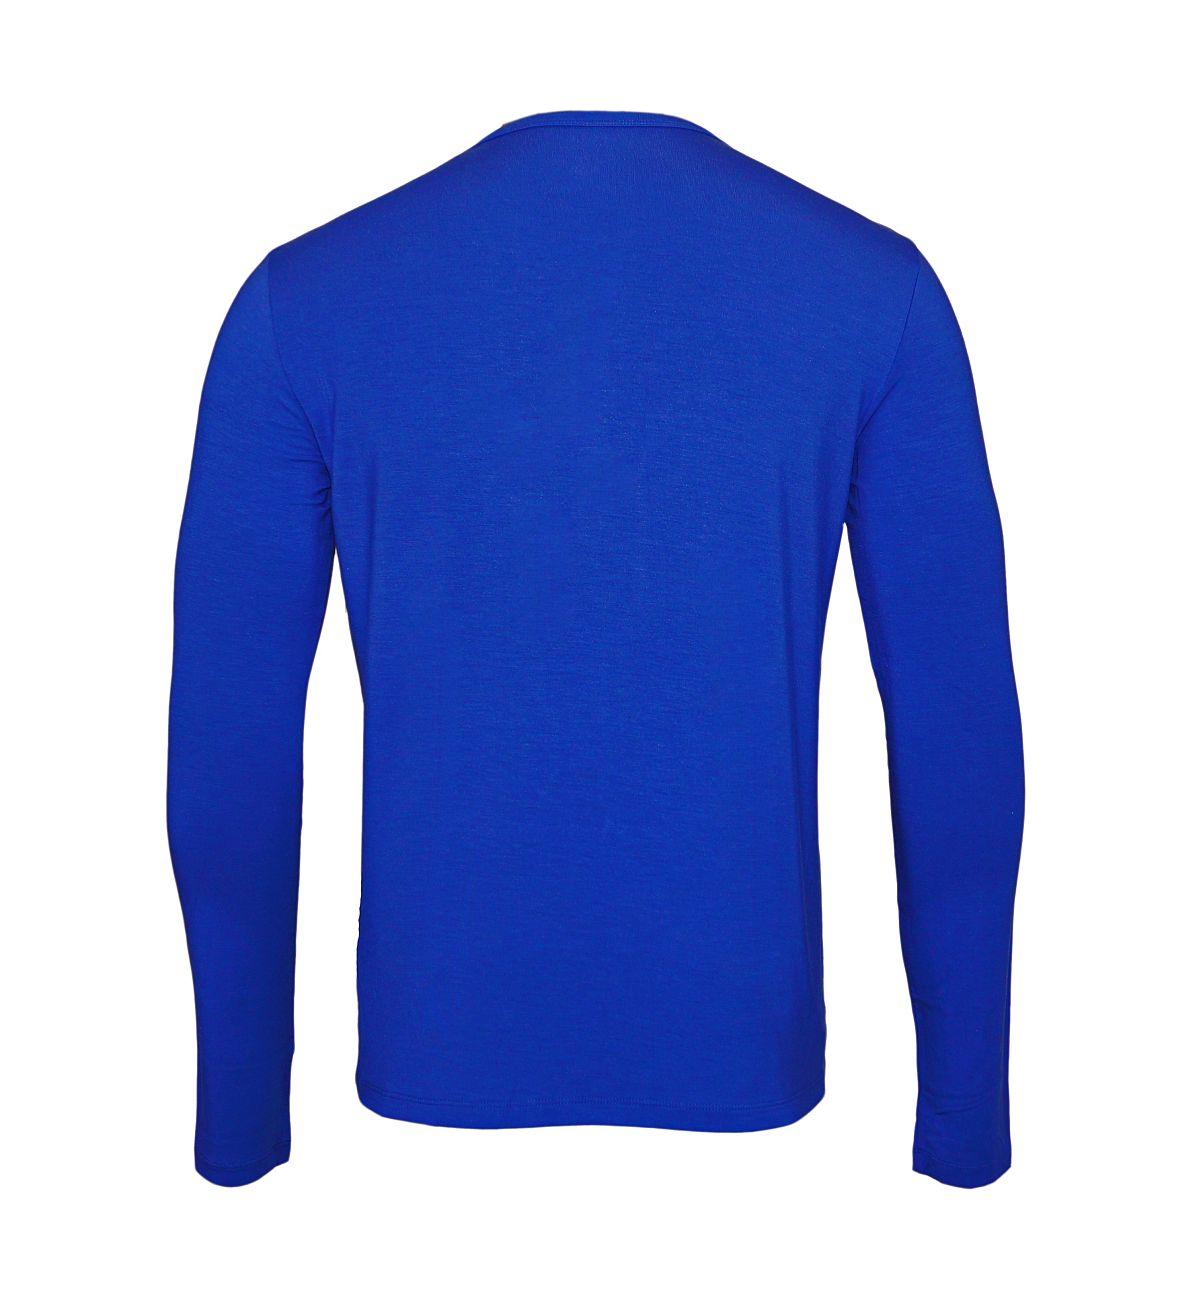 Ralph Lauren Longsleeve Shirt Rundhals 71470517 2001 Charter BL S18-RLLS1